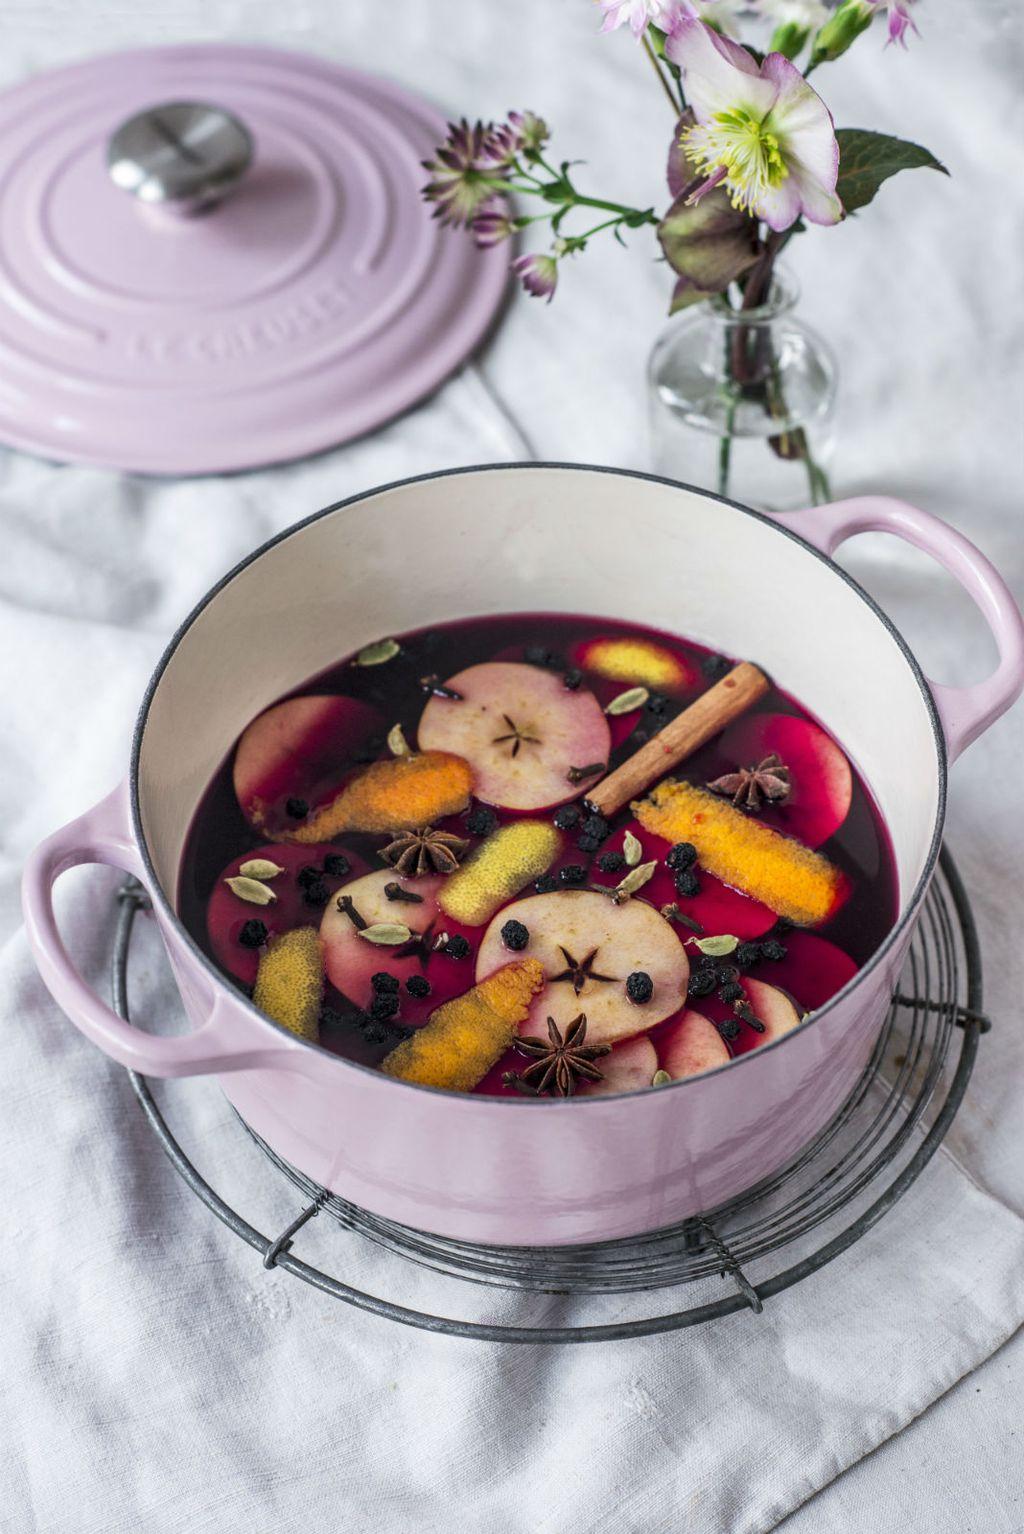 U kuhano vino možete staviti i razno sezonsko voće